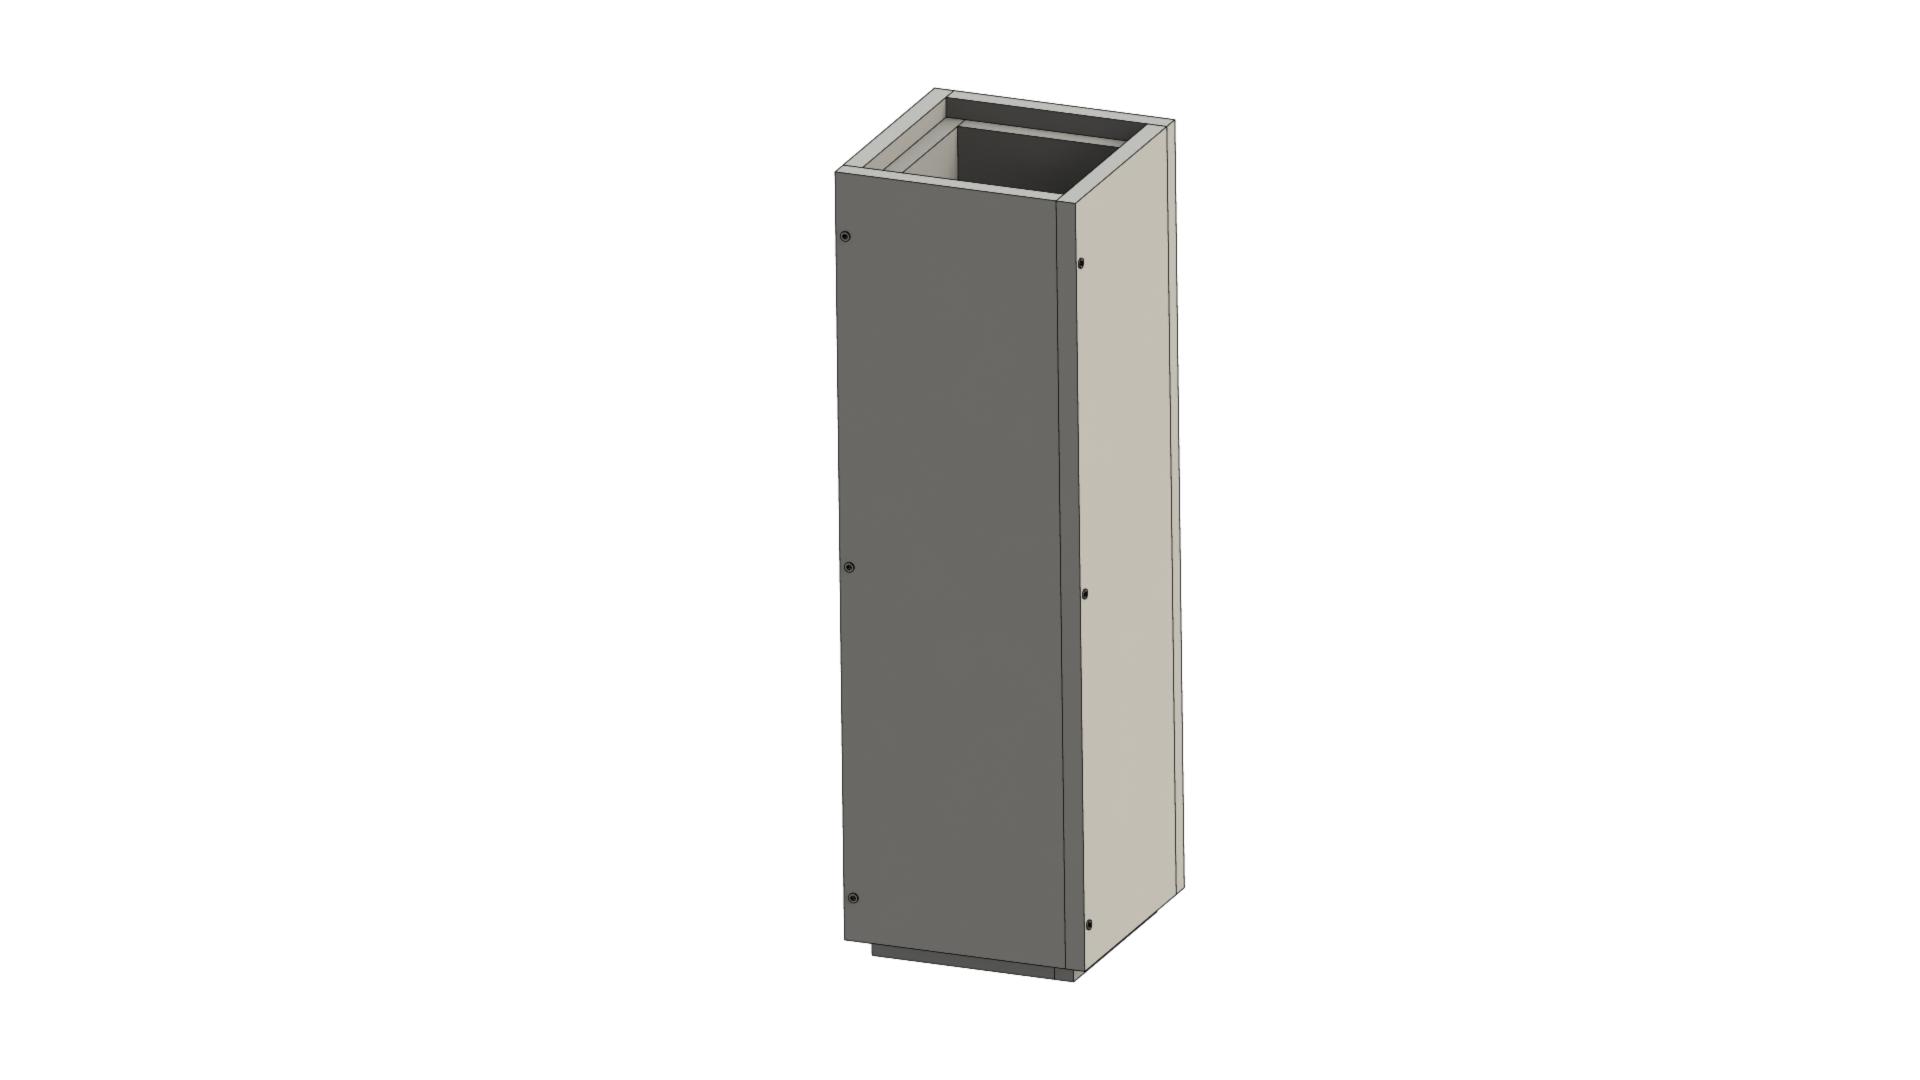 Leichtbauschornstein - Schachtelement 1000 mm - Jeremias F90